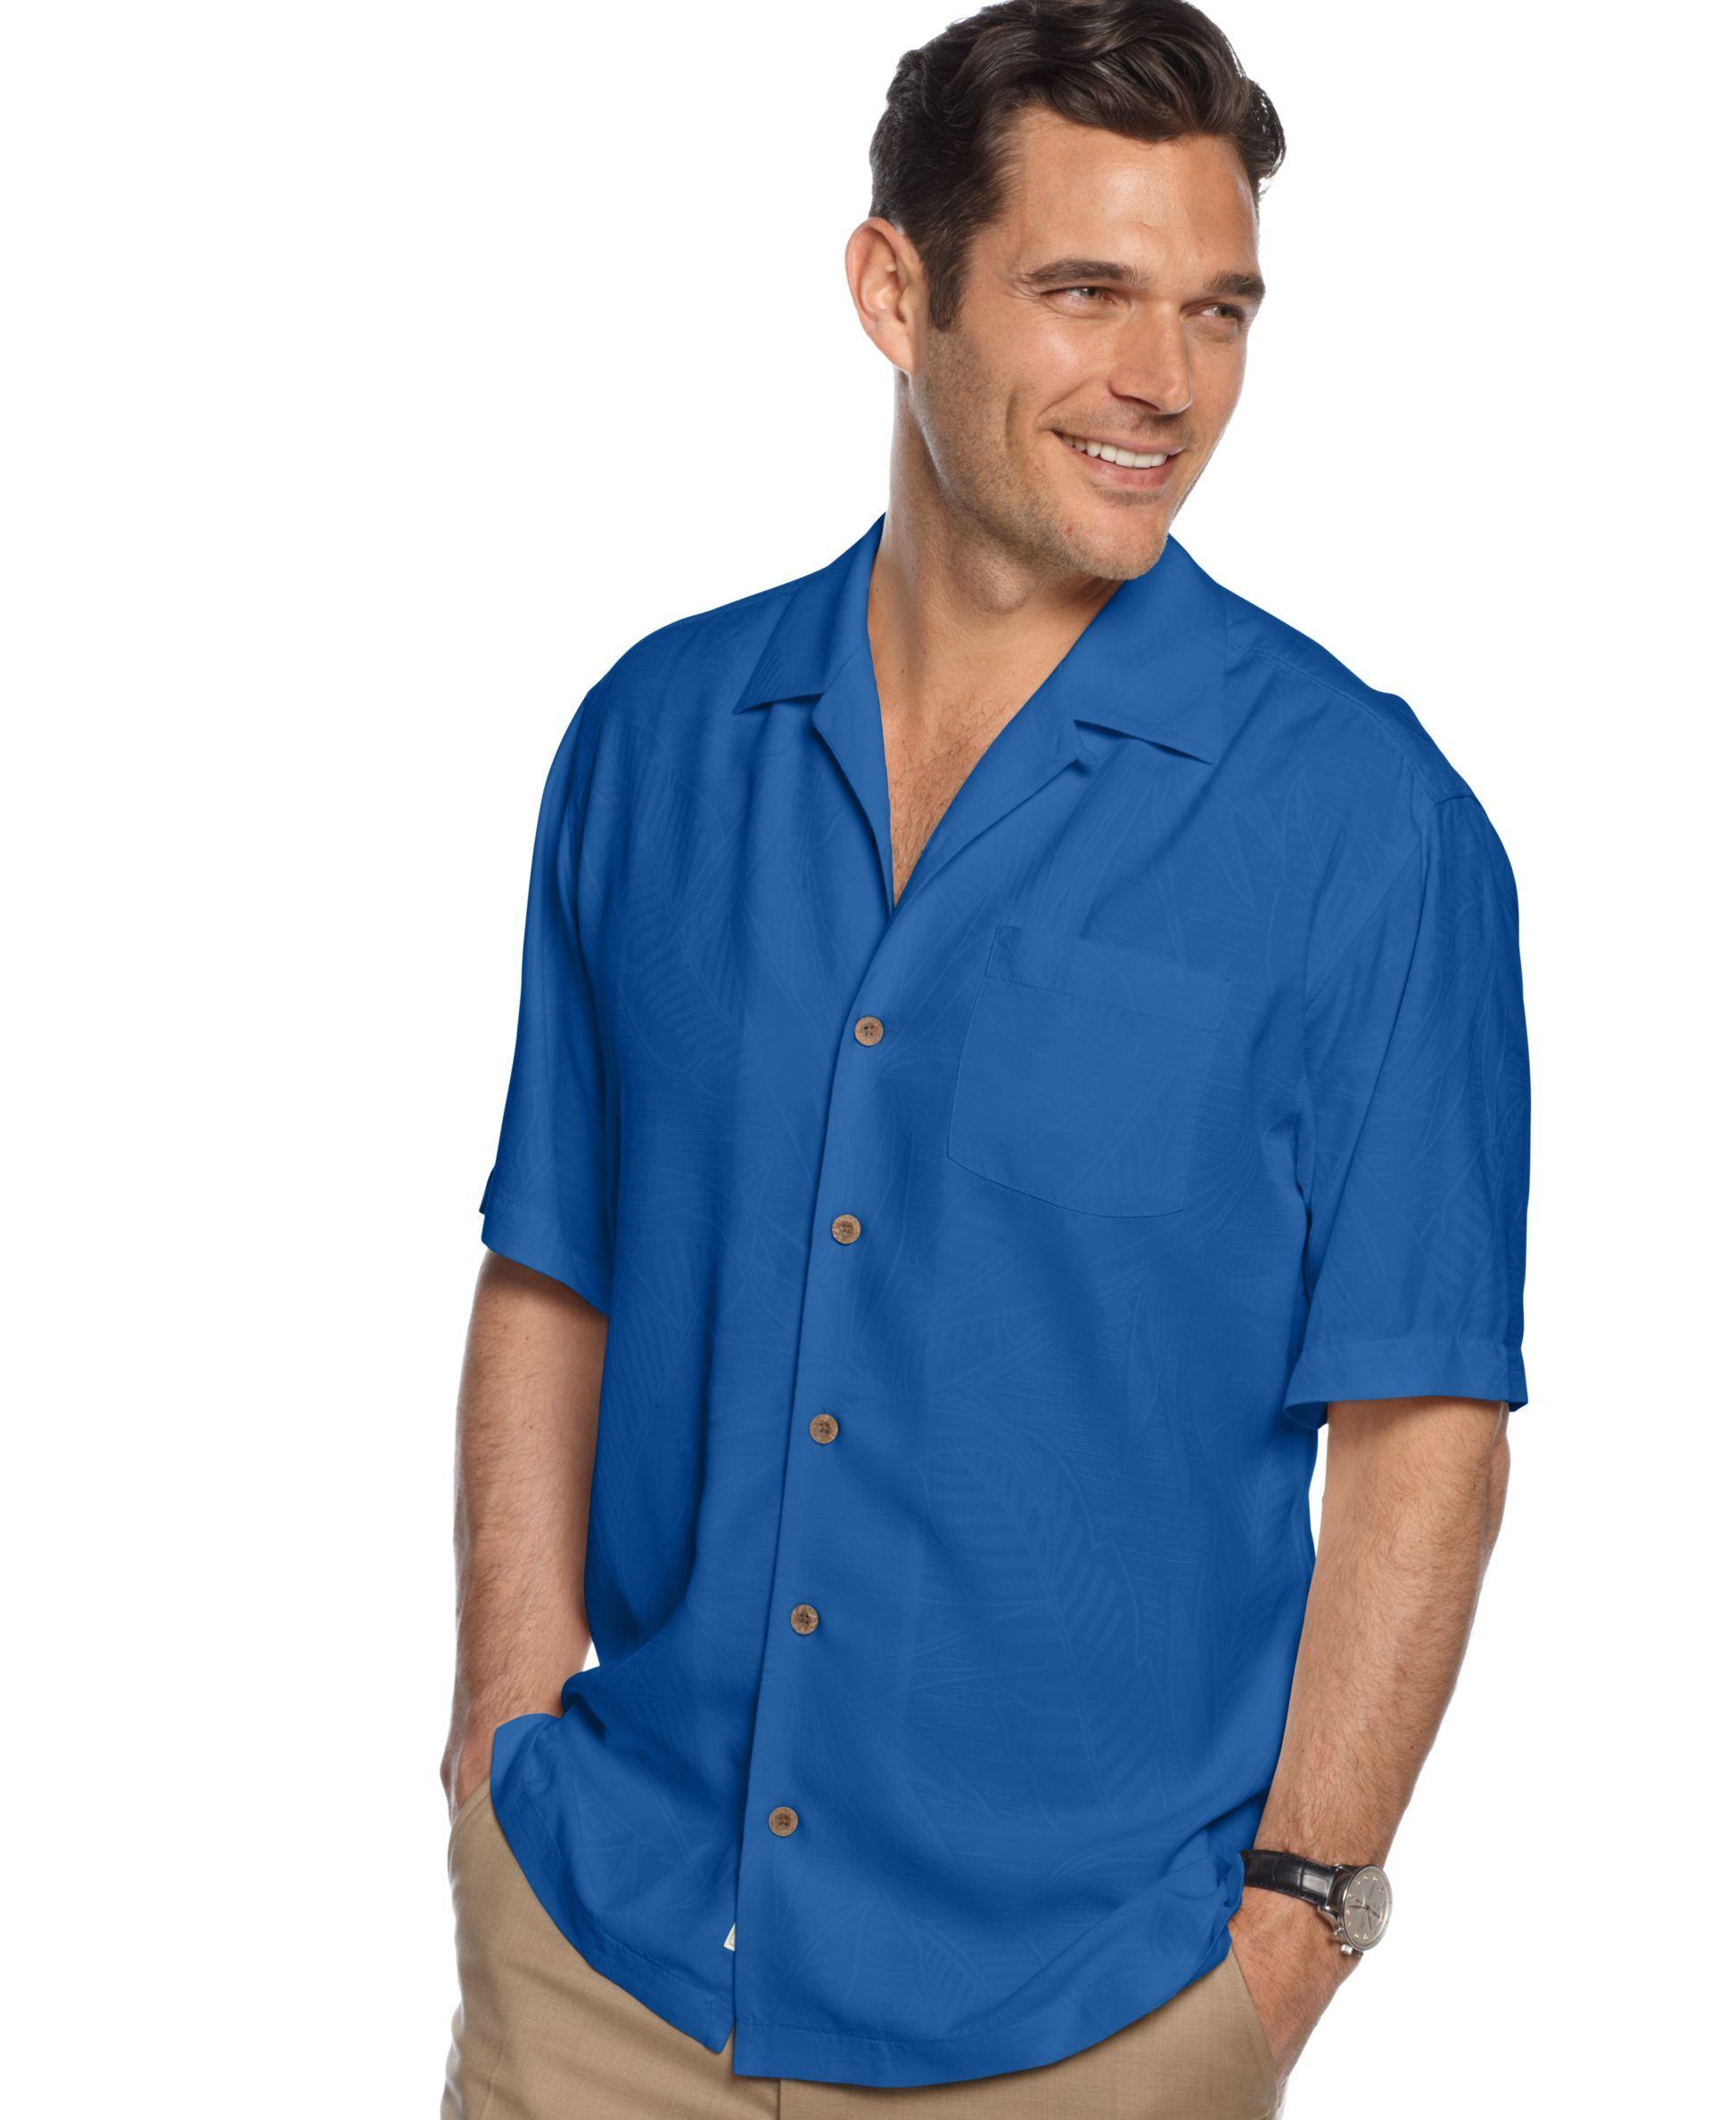 macy's tommy bahama shirts